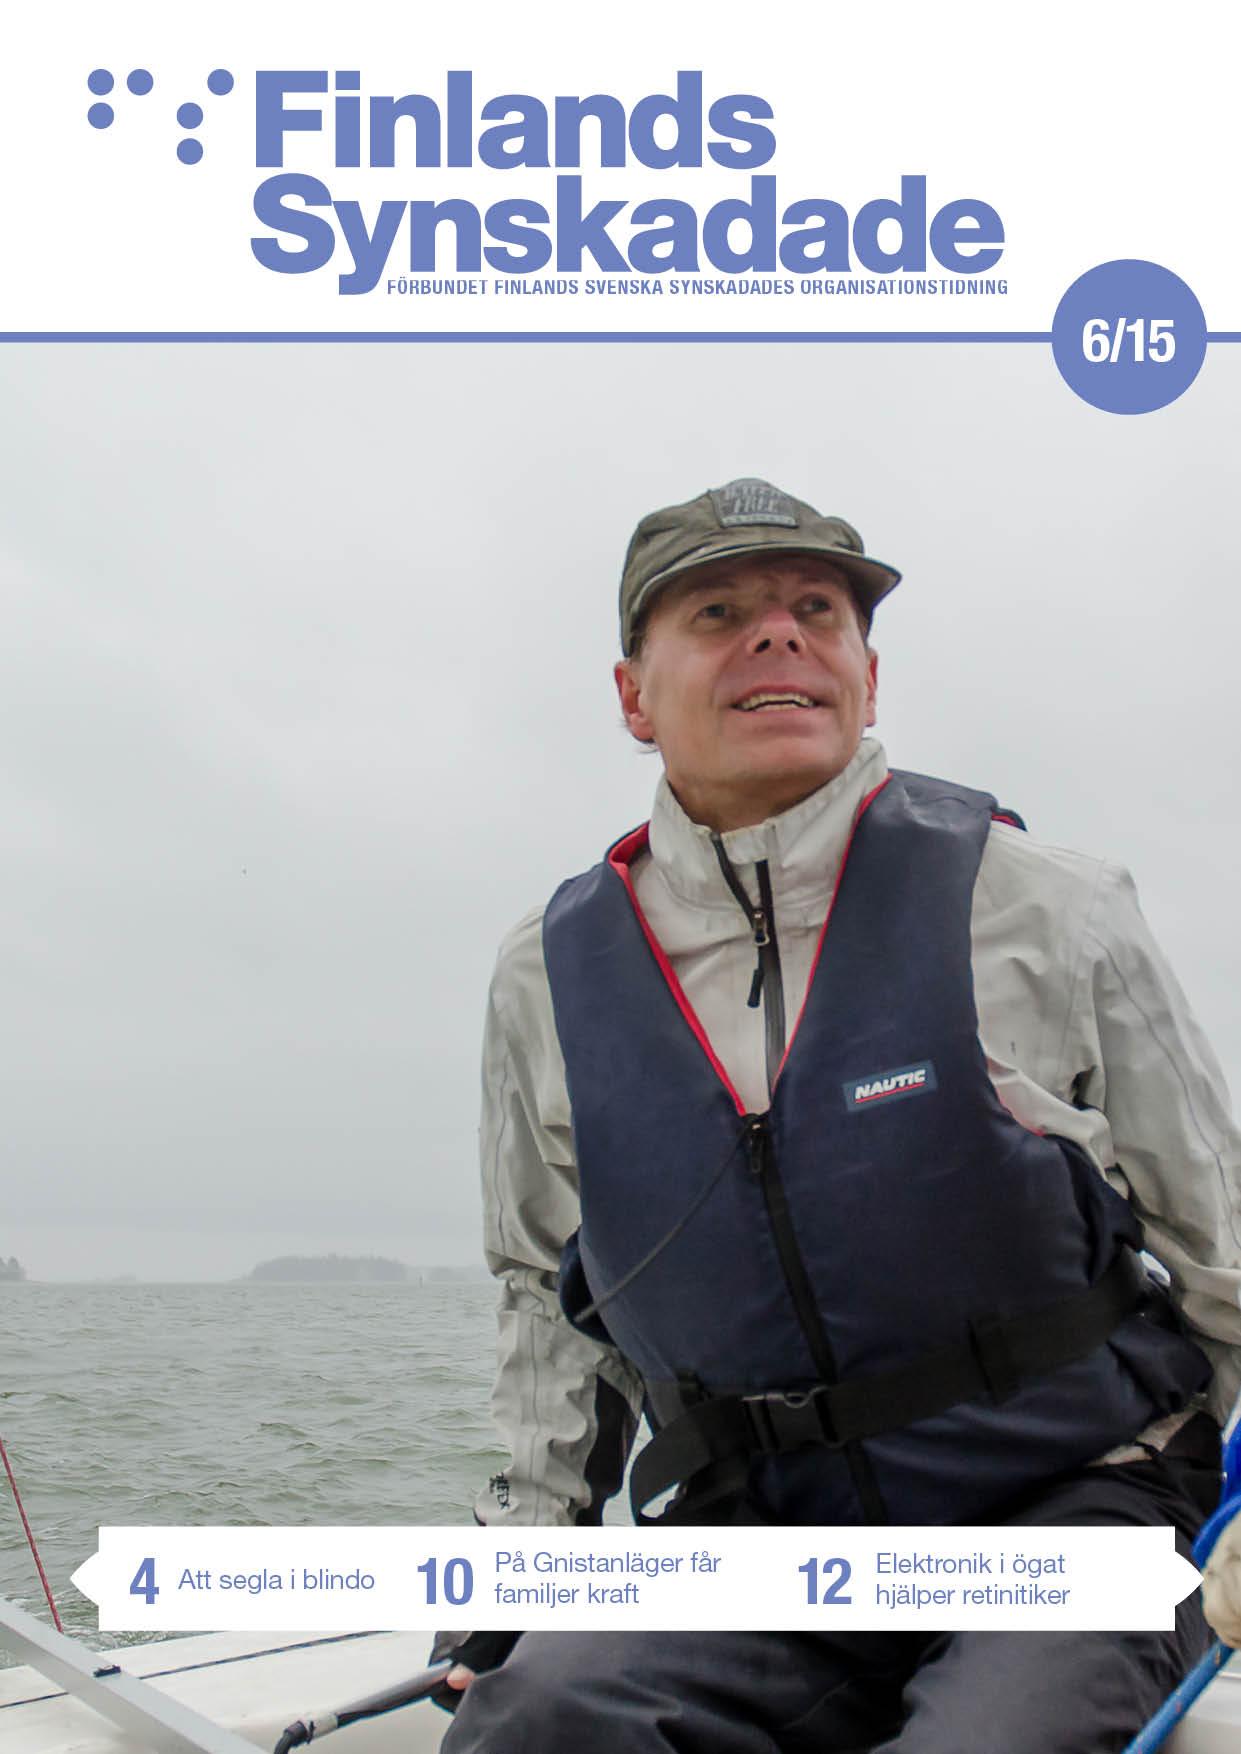 Pekka Rantanen vet var stranden är. Ännu en halv timme efter att han lagt ut vet han tack vare vindens riktning åt vilket håll han seglar. På bilden håller Rantanen i rodret mot en regnsjuk bakgrund.